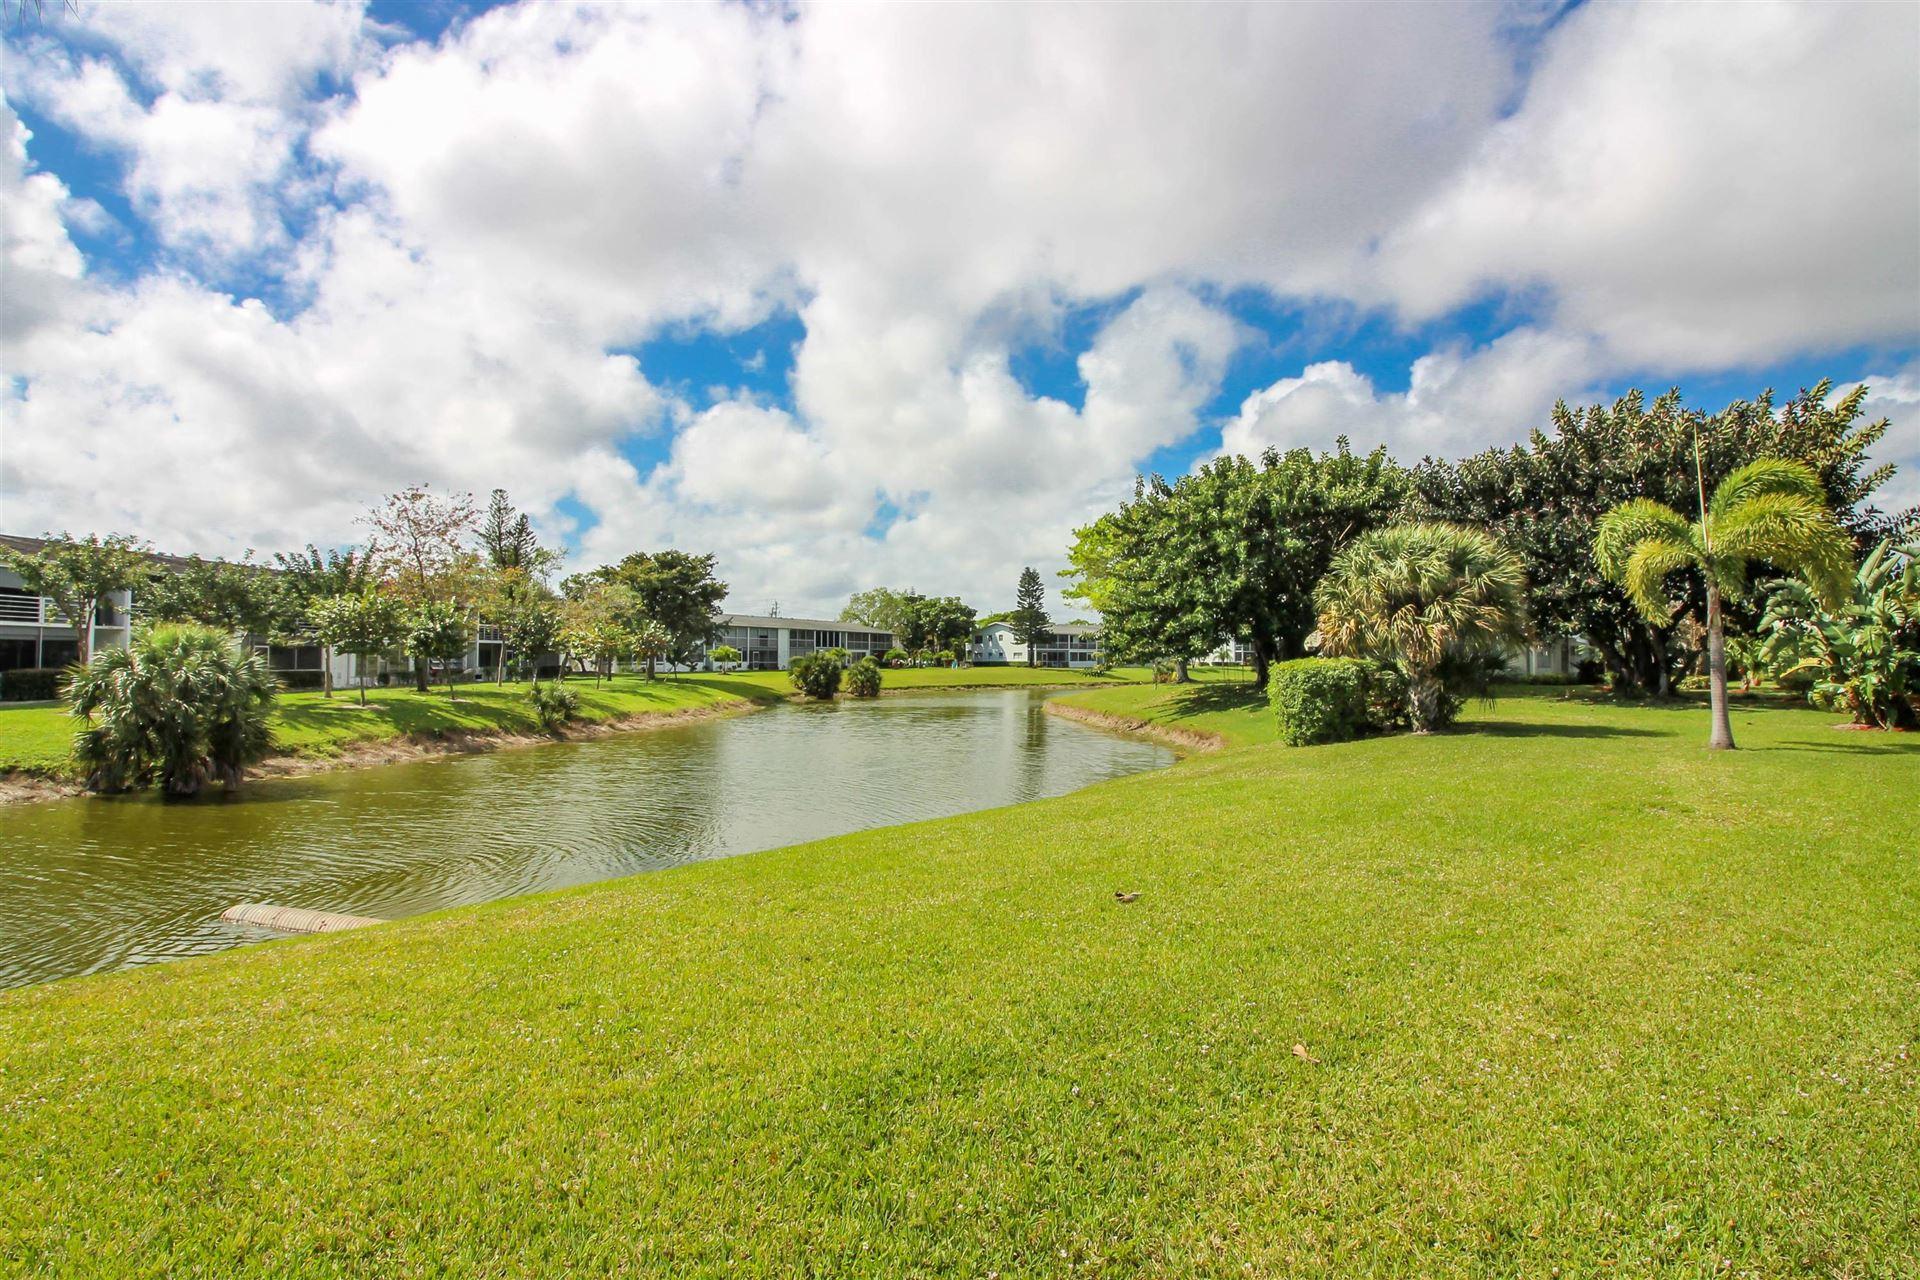 304 Tilford N #304, Deerfield Beach, FL 33442 - MLS#: RX-10706942